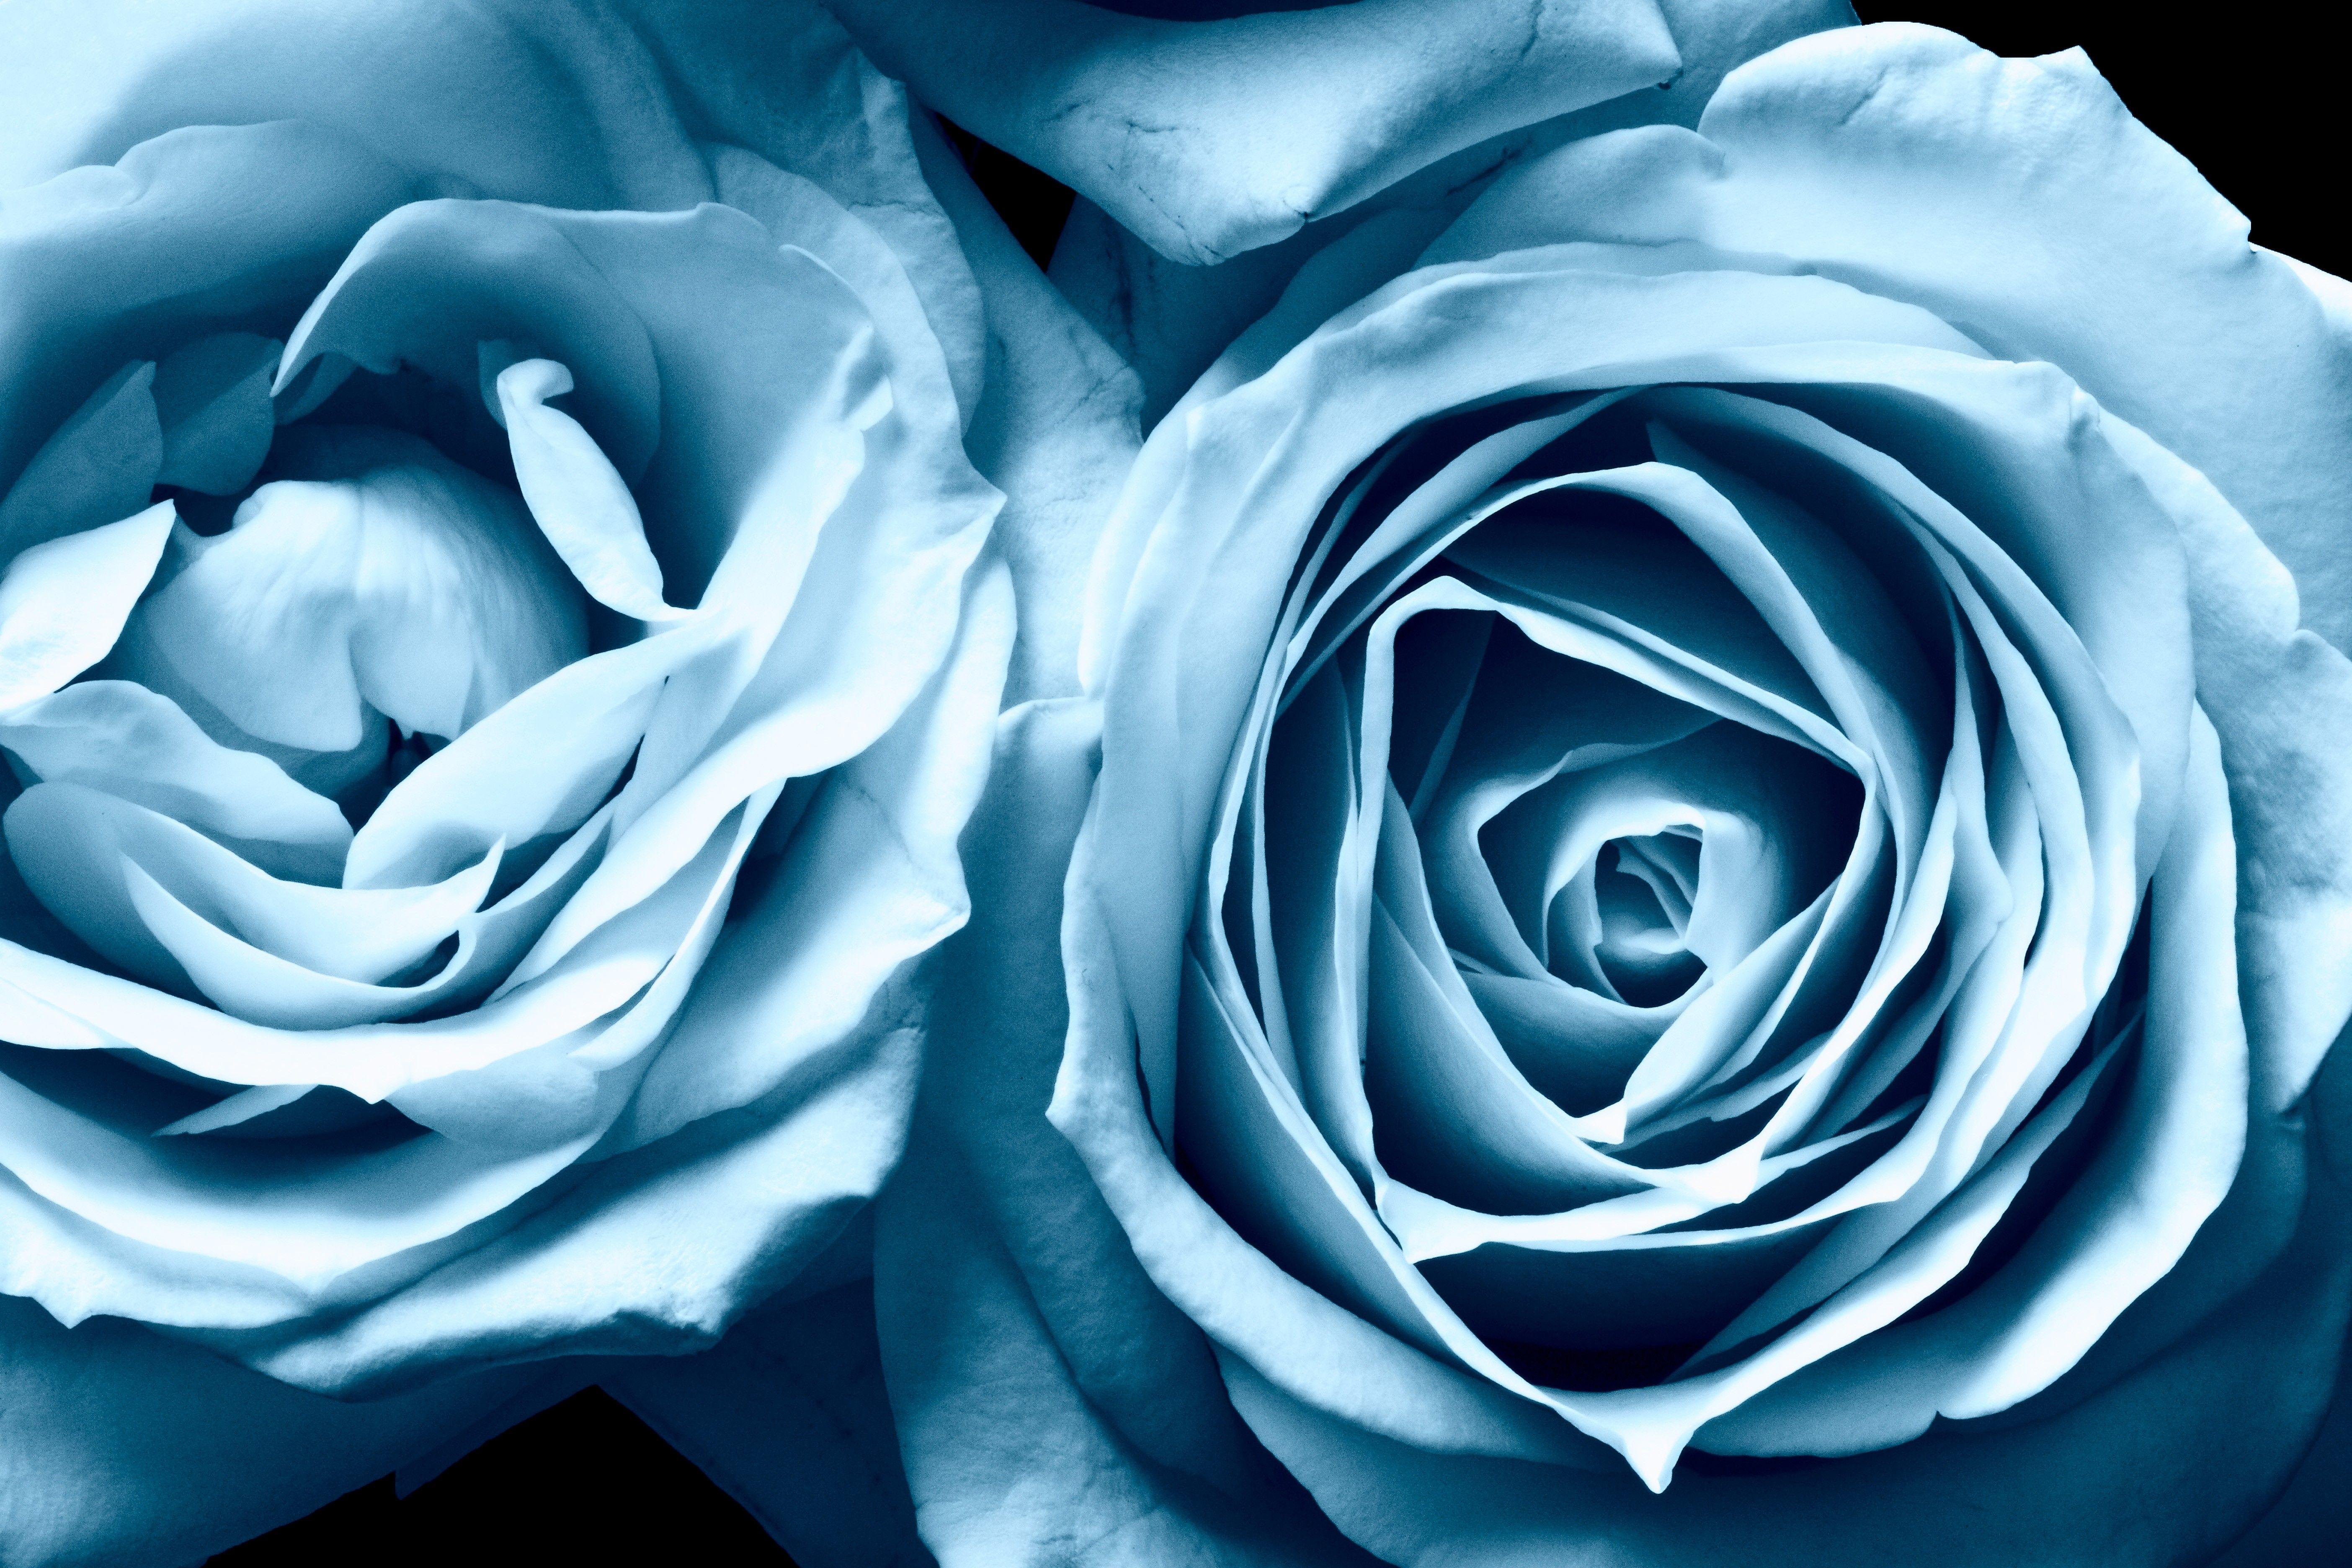 Blue Frosty Roses Wallpaper Hd Full Screen Blue Roses Wallpaper Blue Flower Wallpaper Blue Roses